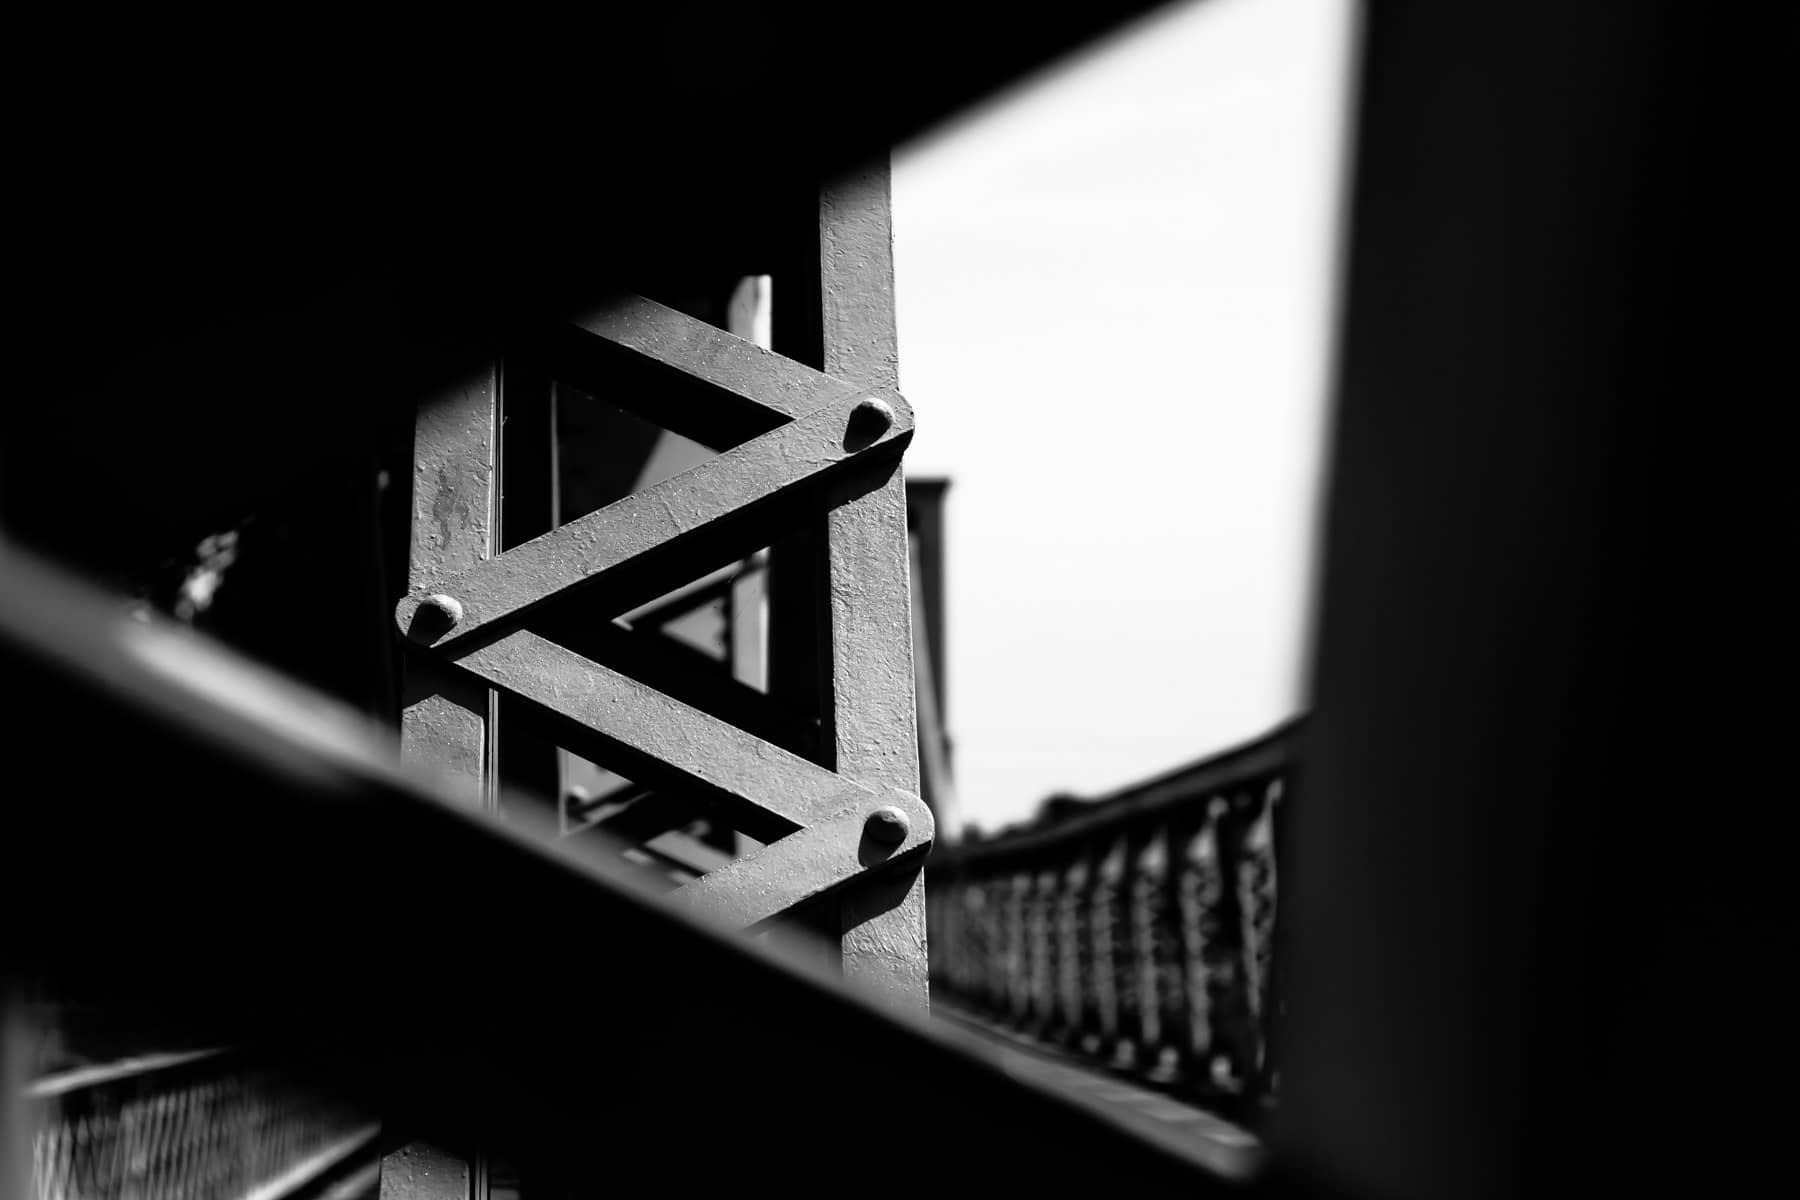 Iron work on the Waco Suspension Bridge, Texas.